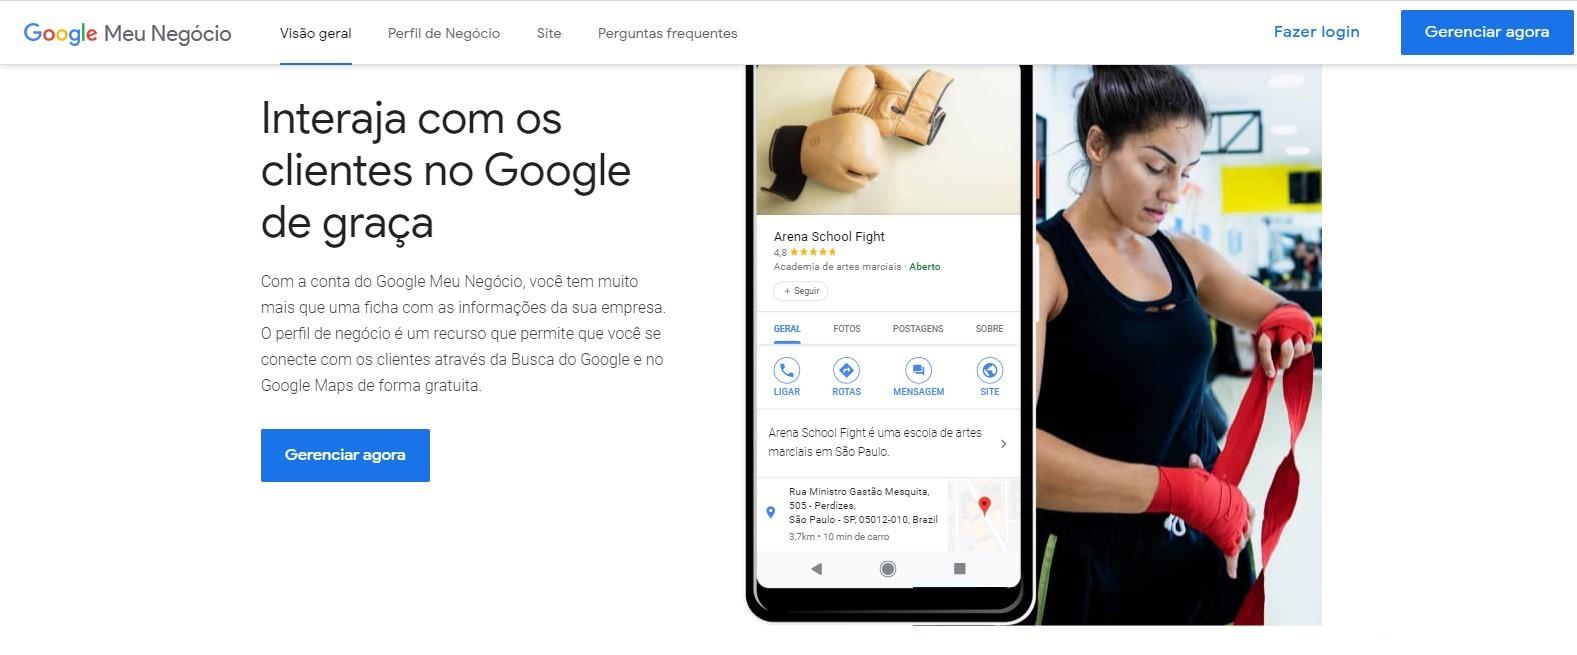 Google Meu Negocio 1